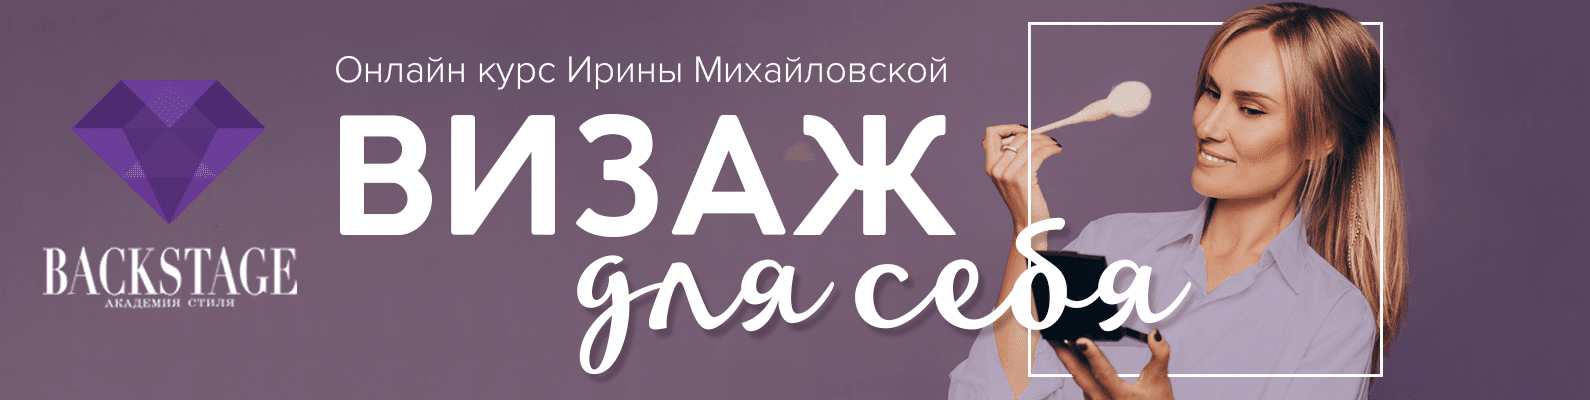 vk_banner1